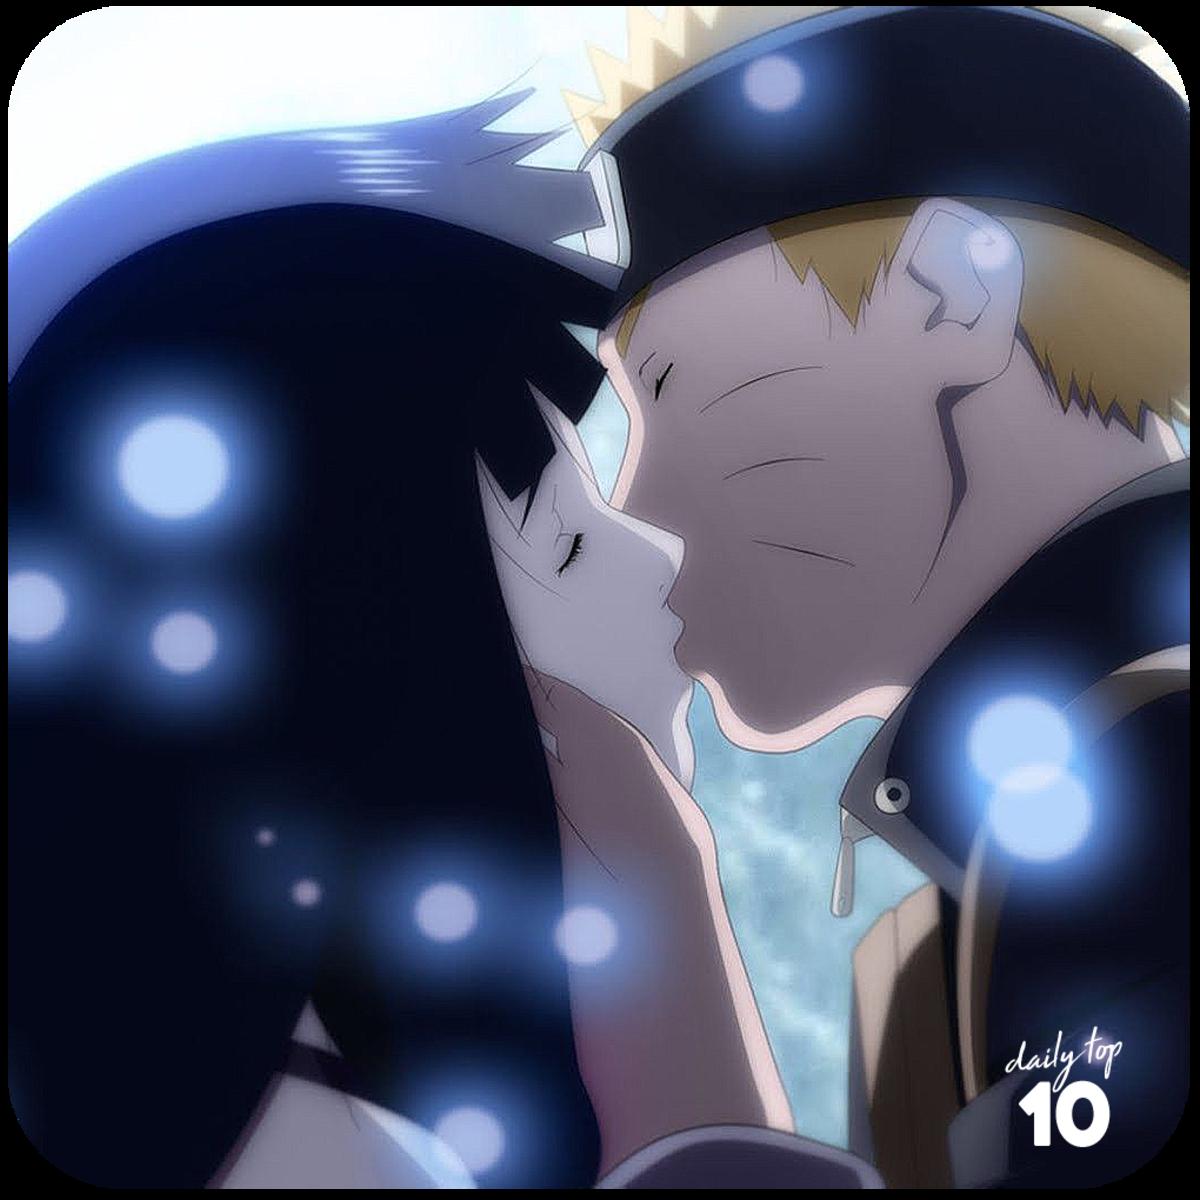 Naruto and Hinata kissing